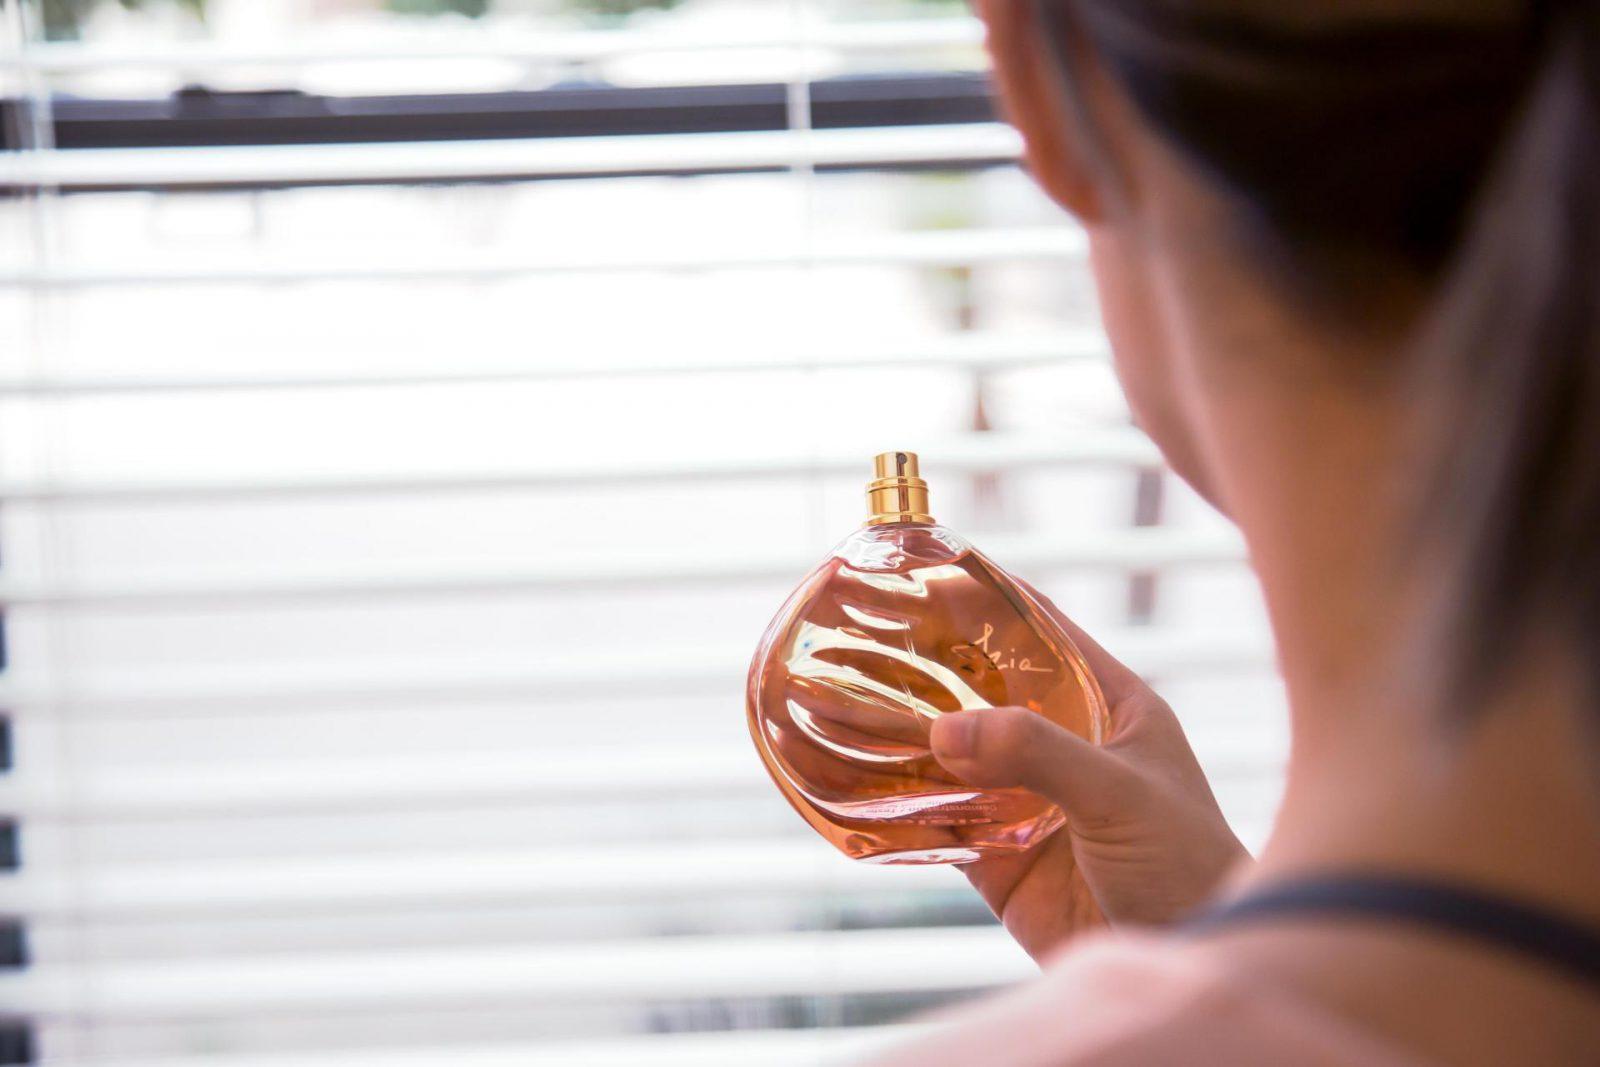 Sisley Paris IZIA Fragrance